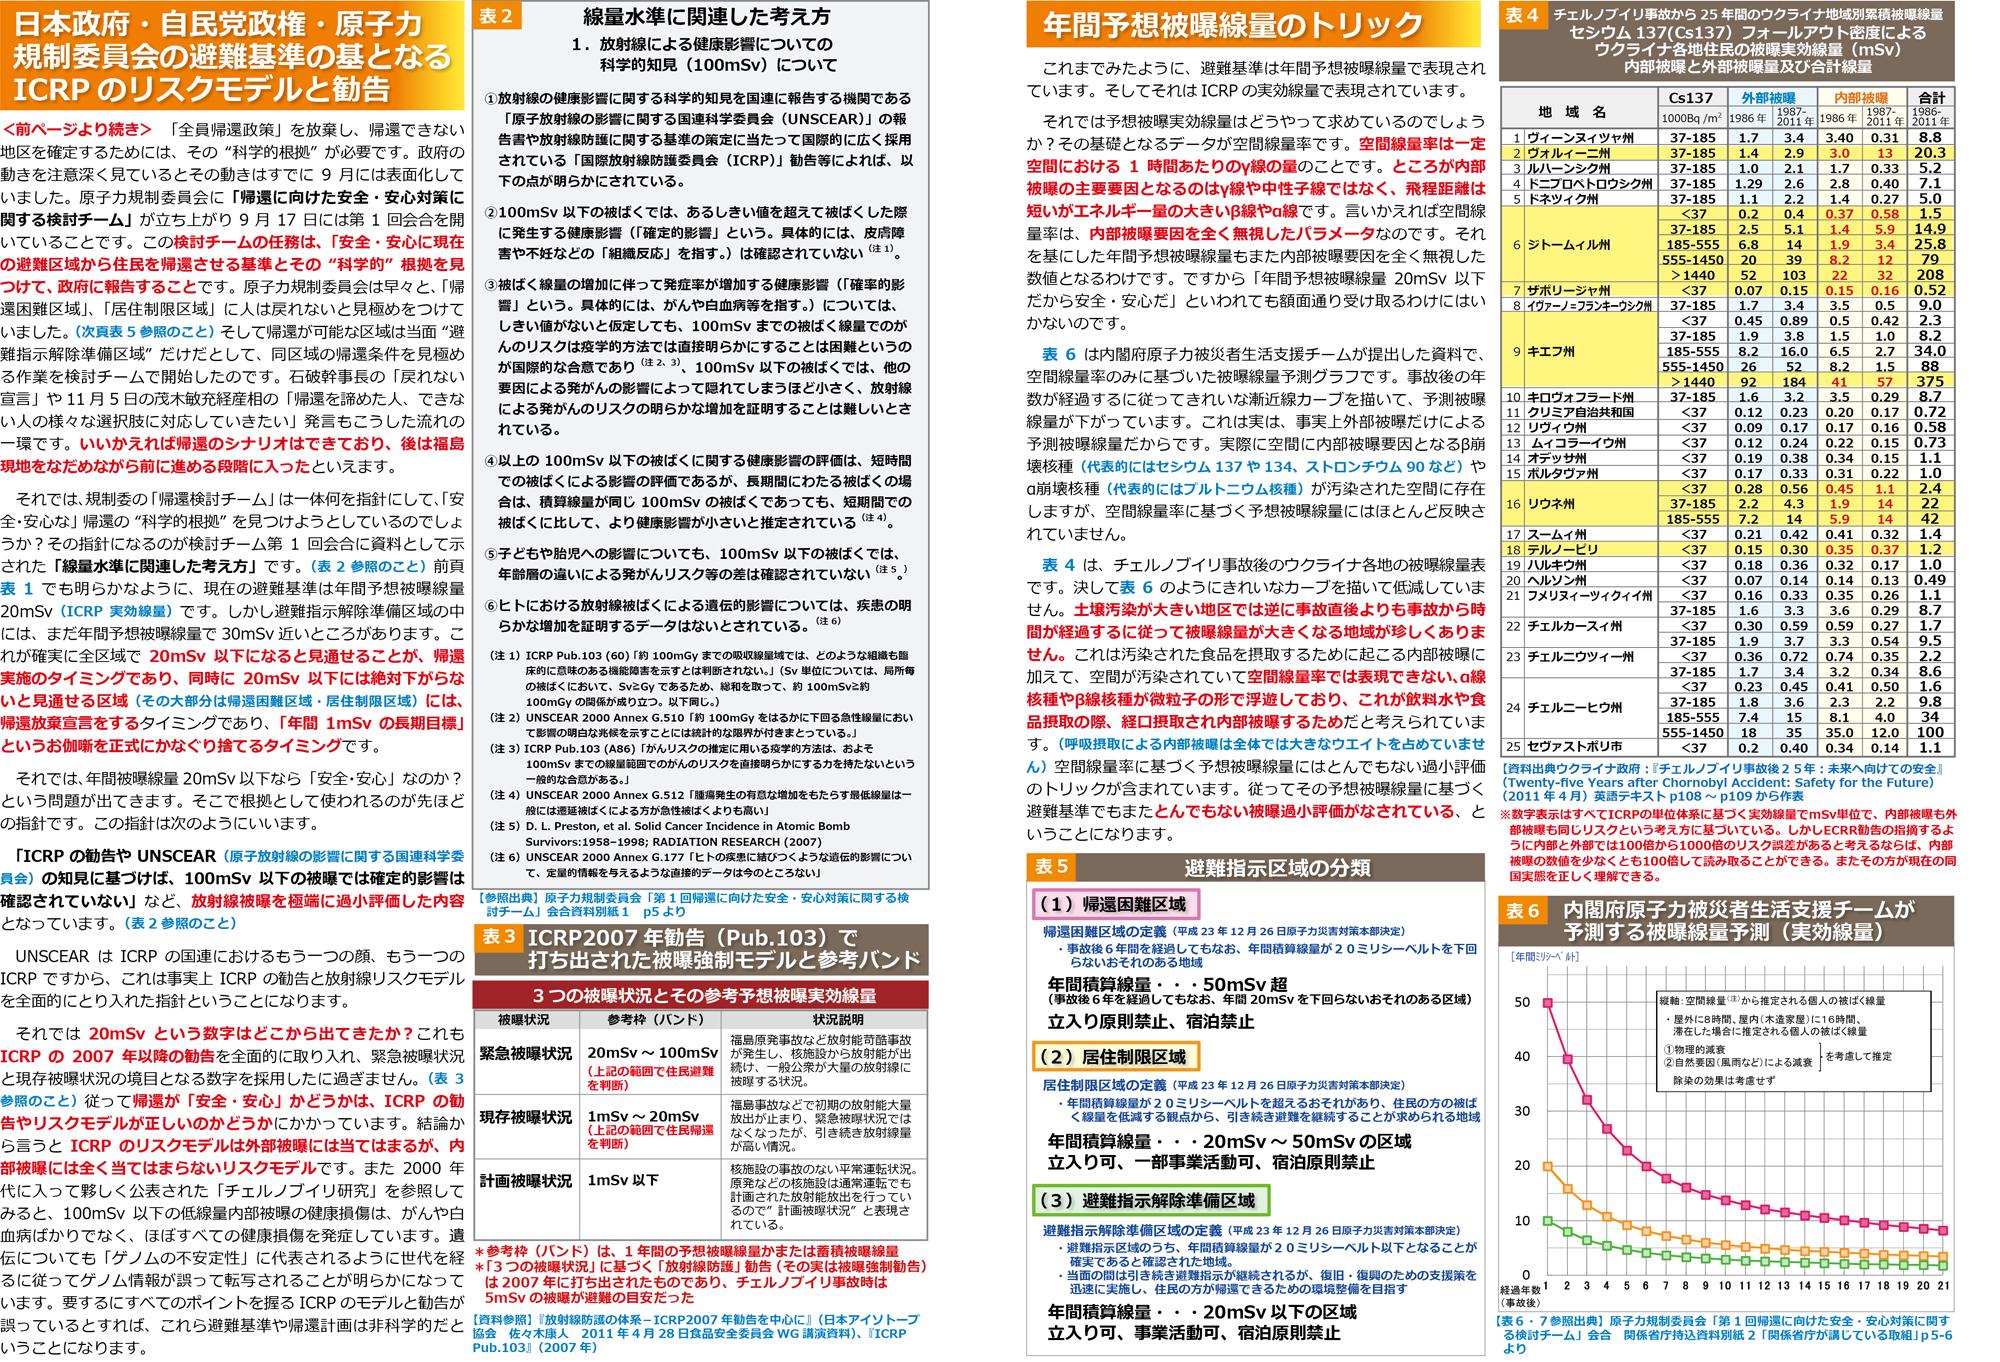 ファイル 222-2.jpg